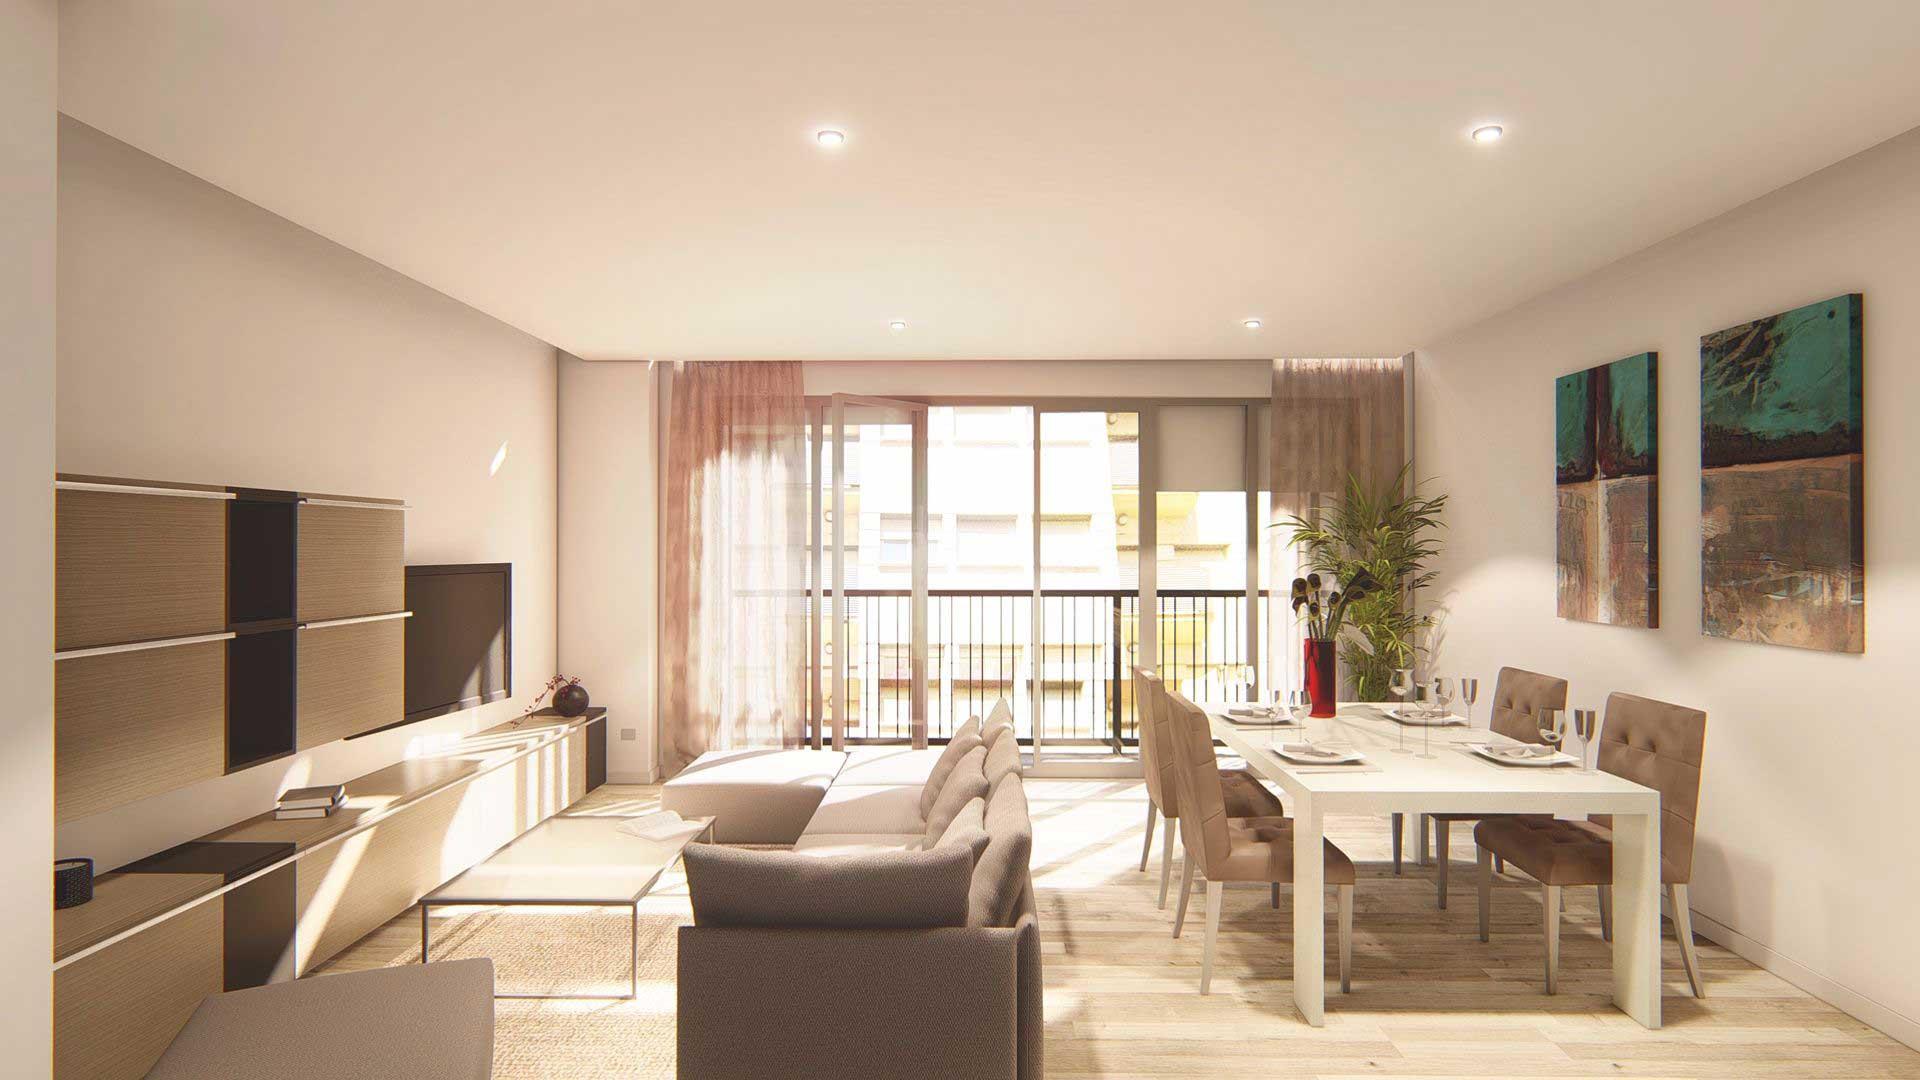 Gran Vía 21, 1º D · Salamanca · Piso de 86 m2 útiles · Con 3 habitaciones y 2 baños · Precio: 285.000 euros